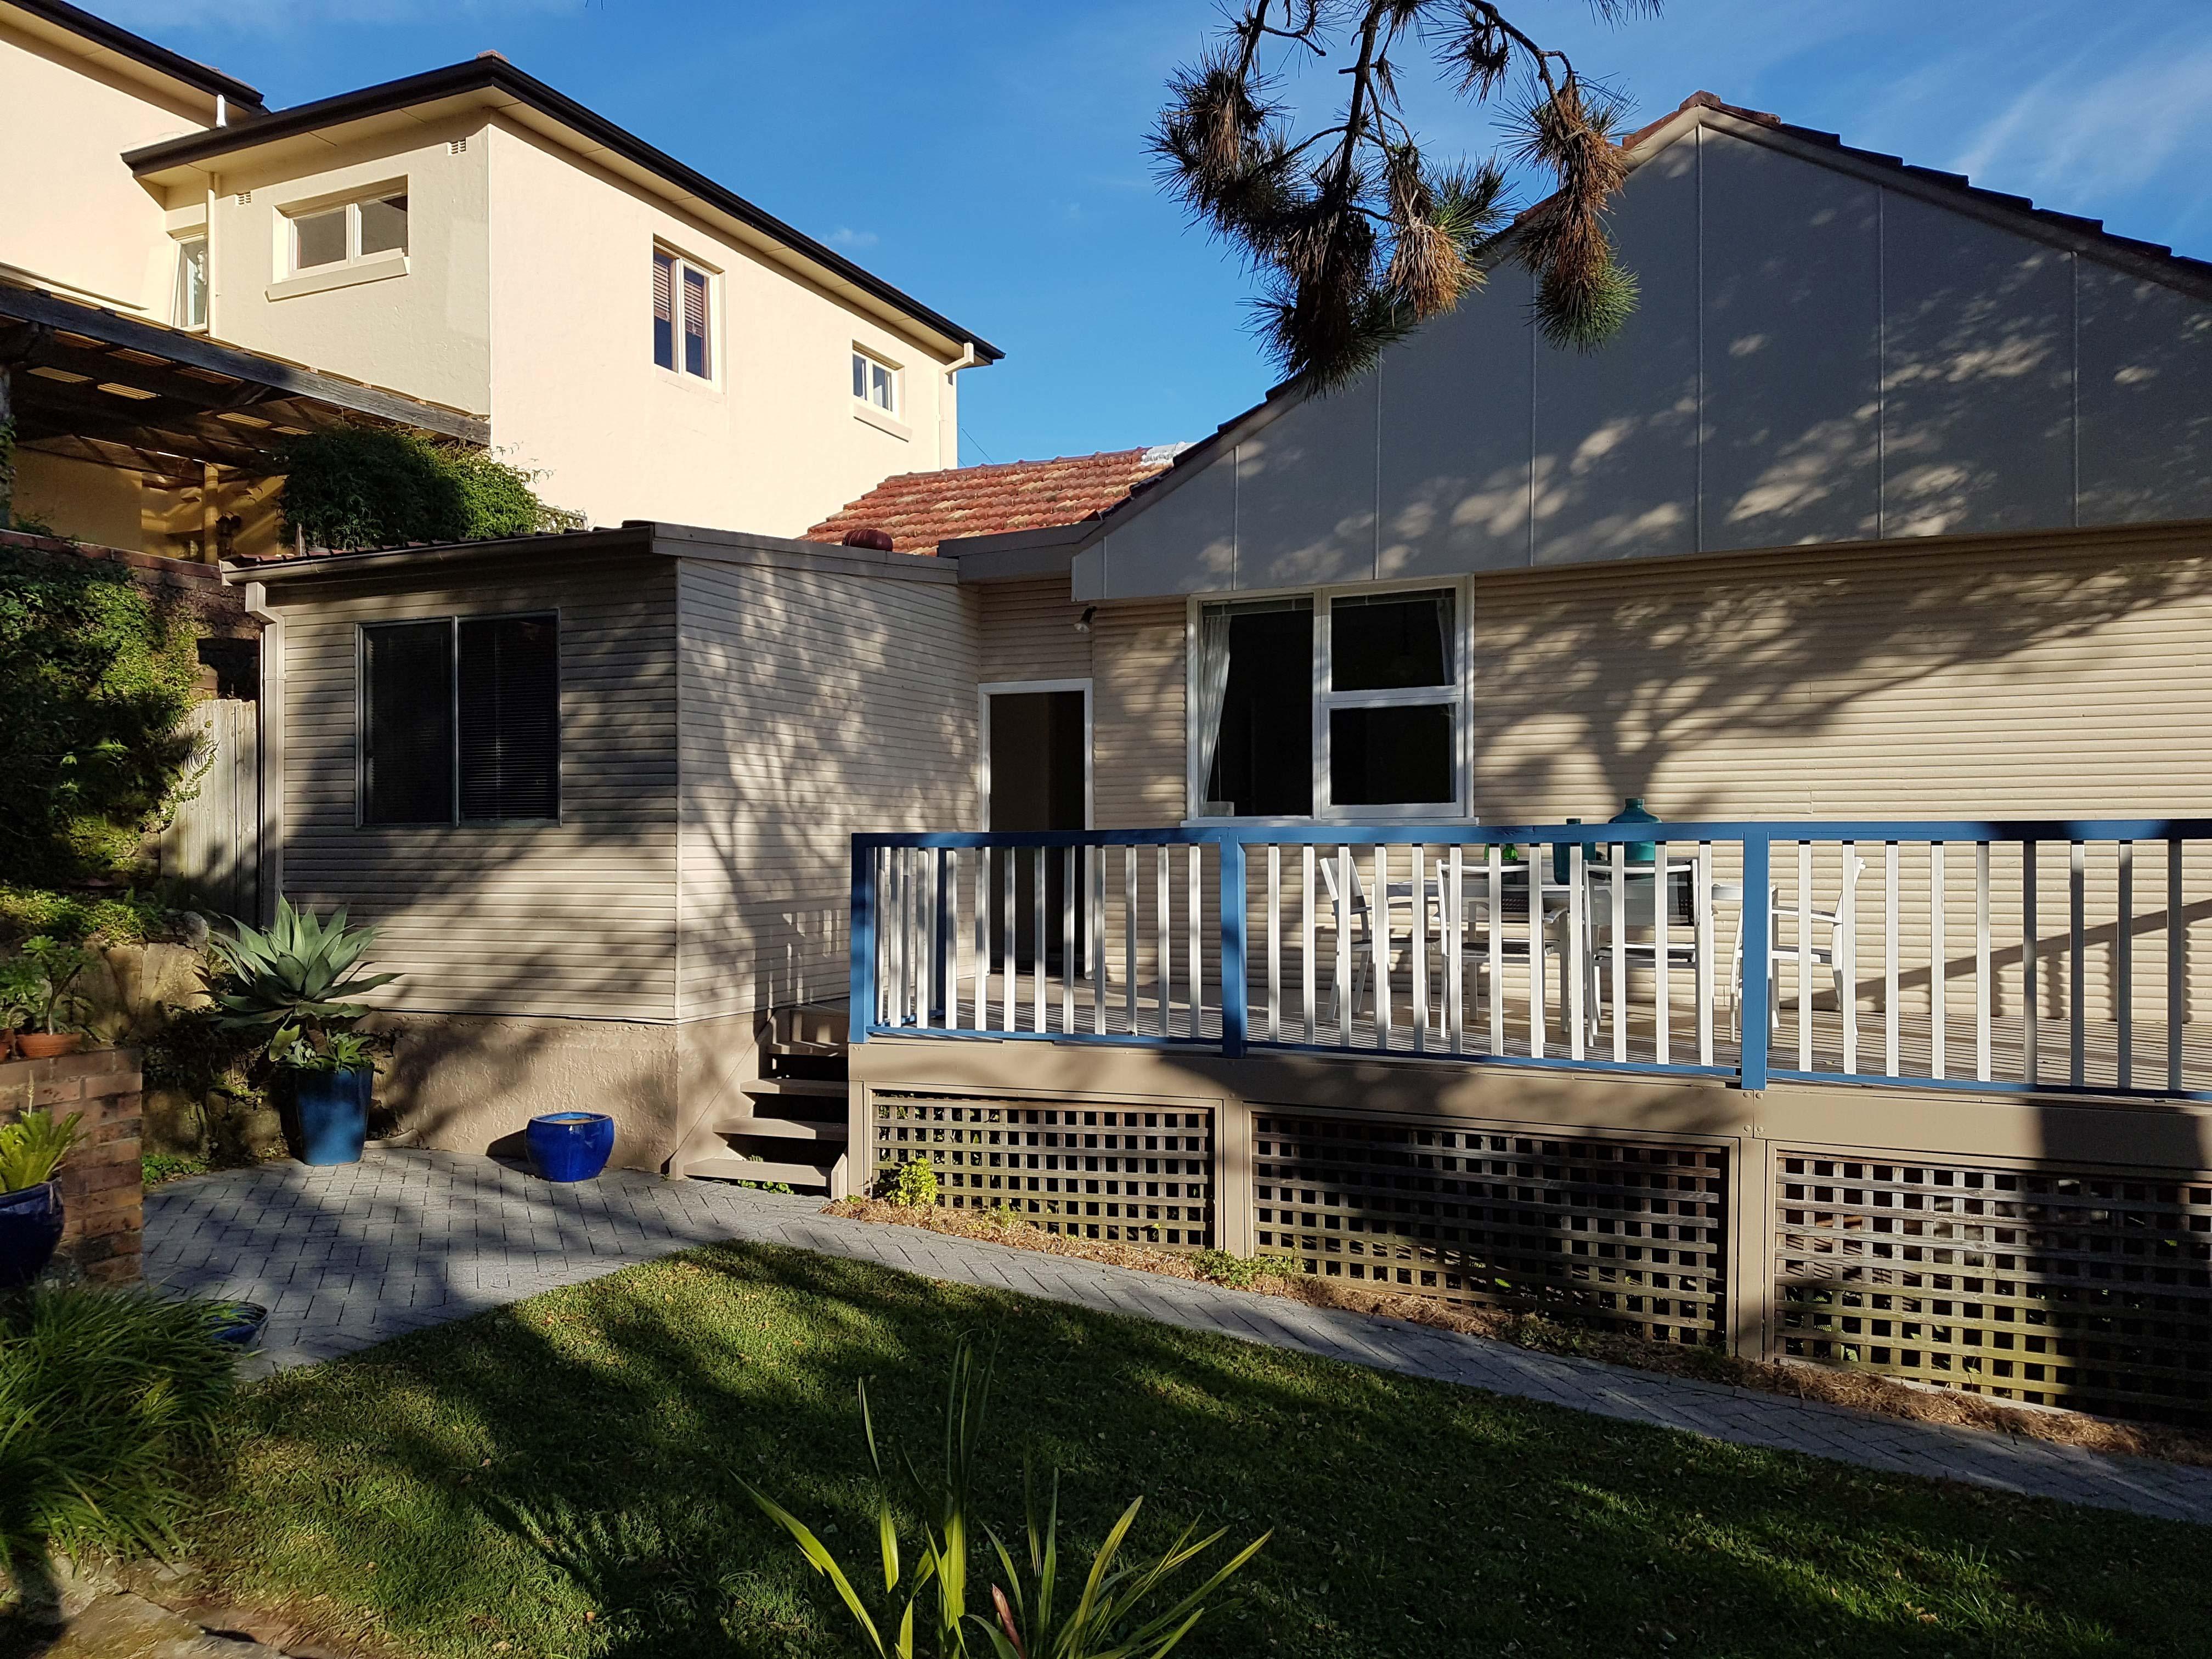 https://www.propertybuyer.com.au/hubfs/20170605_150947